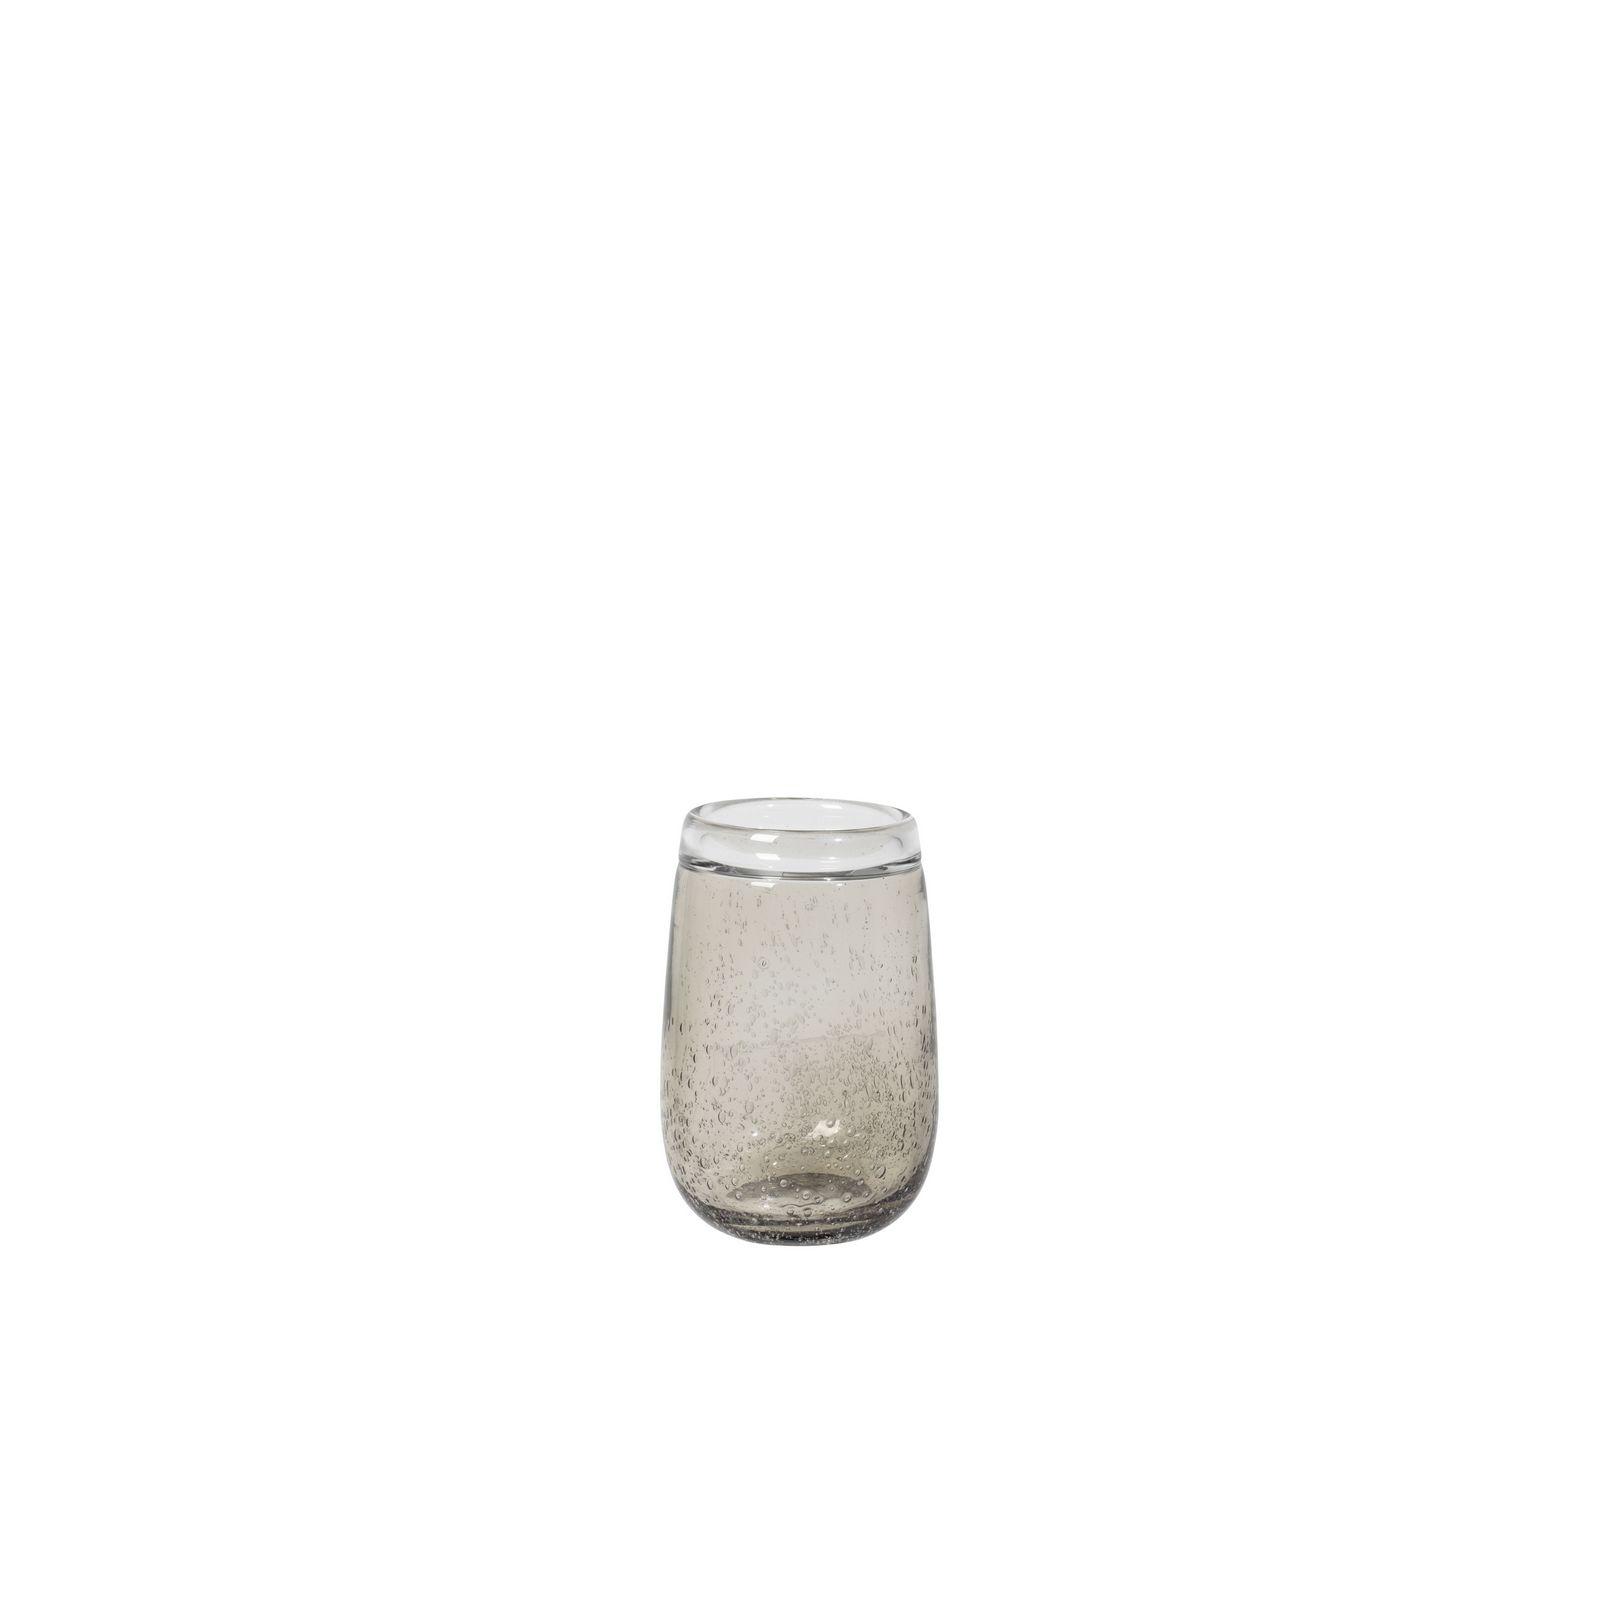 Ваза Broste Ellis, цвет: прозрачный, коричневый, высота 16 см. 14496036